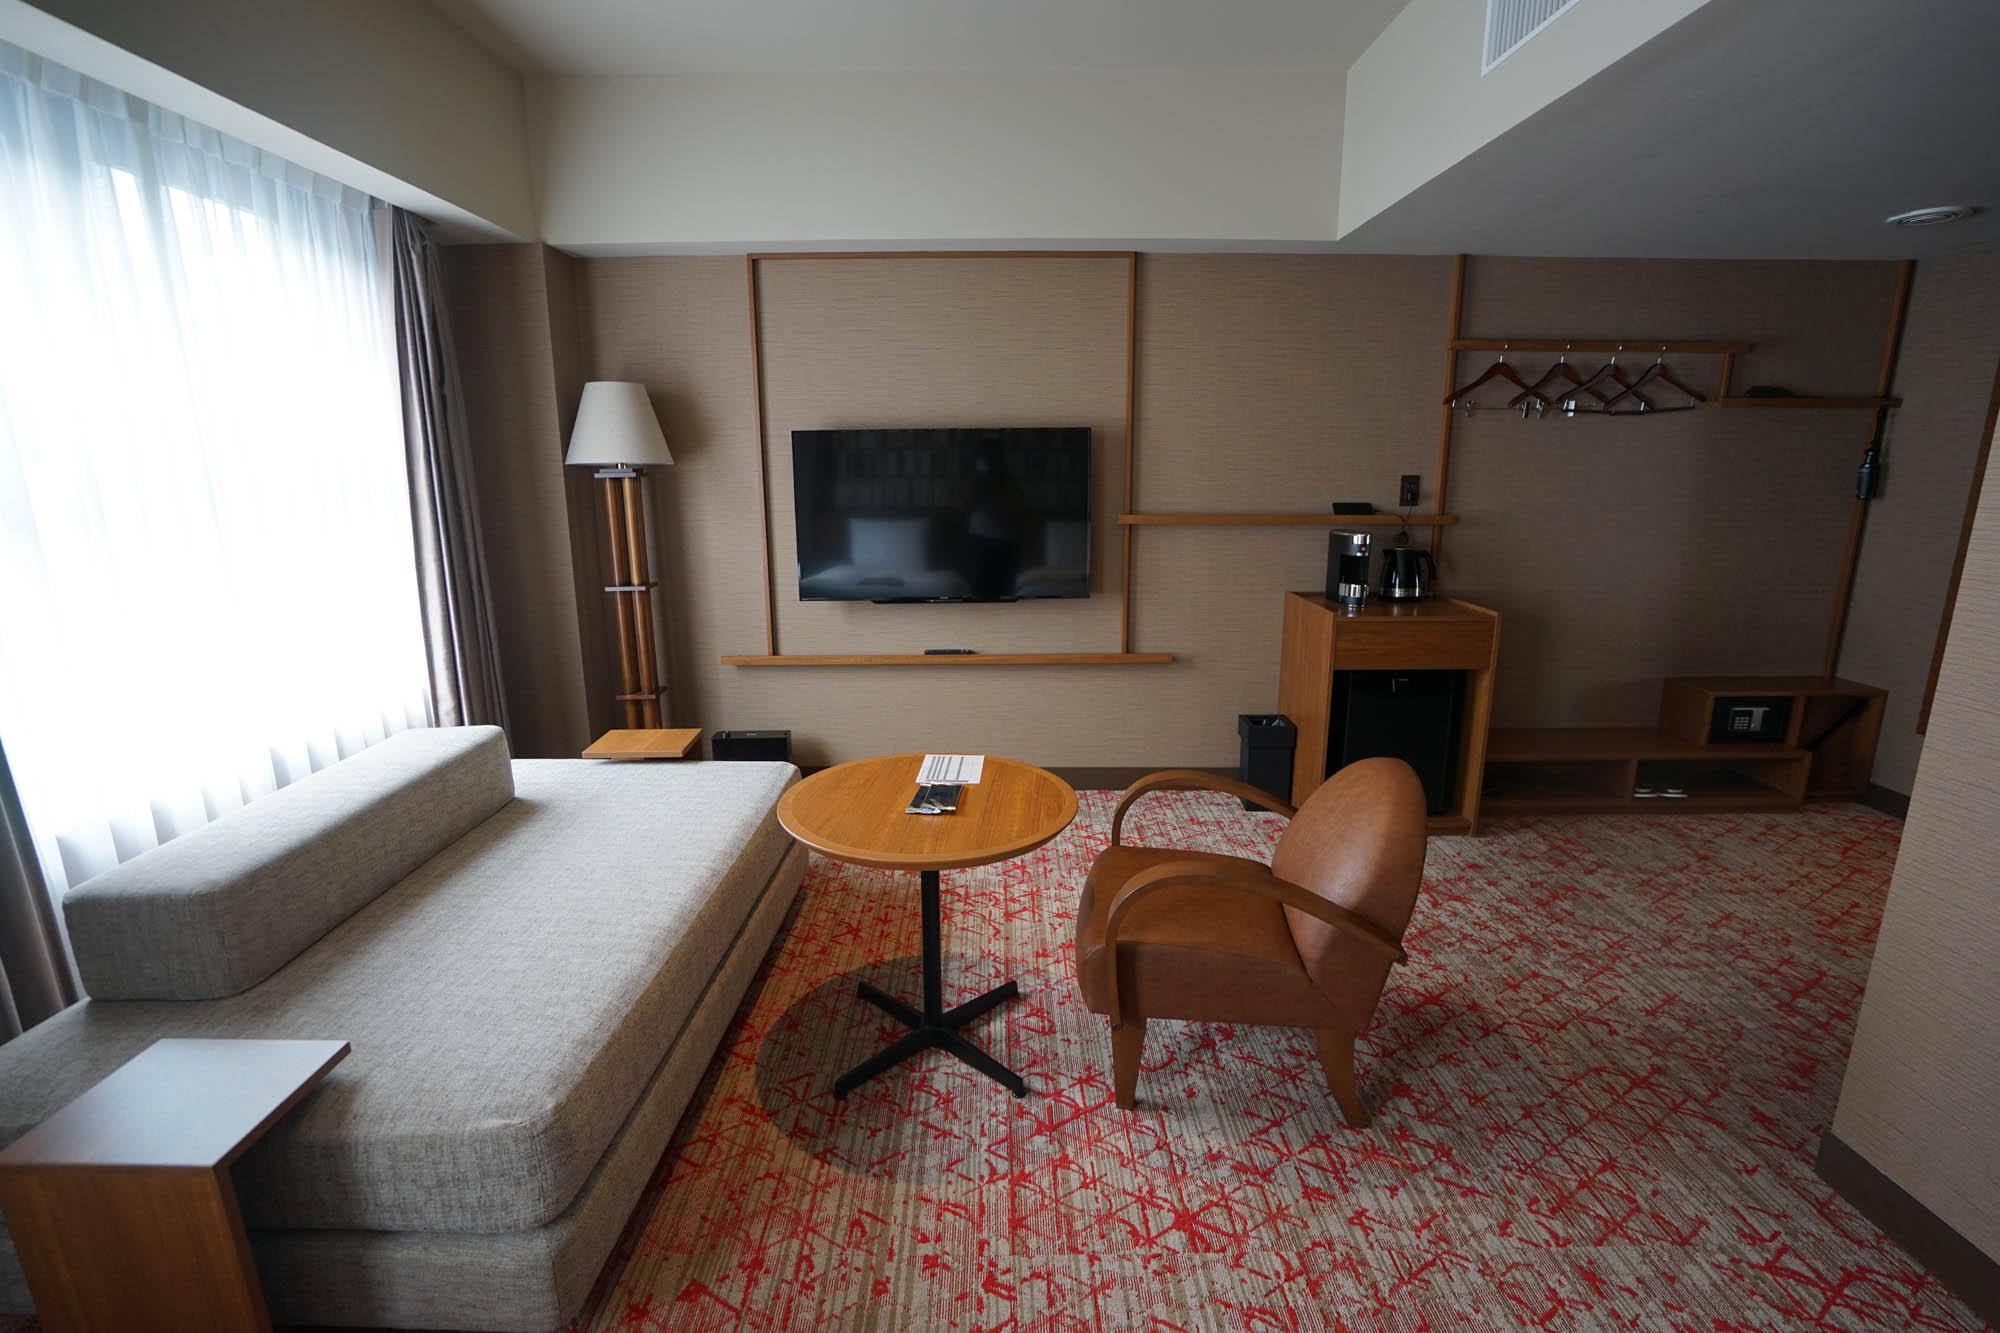 ベッドスペース以外にも広々とした空間があり、ゆったり過ごせそうです。